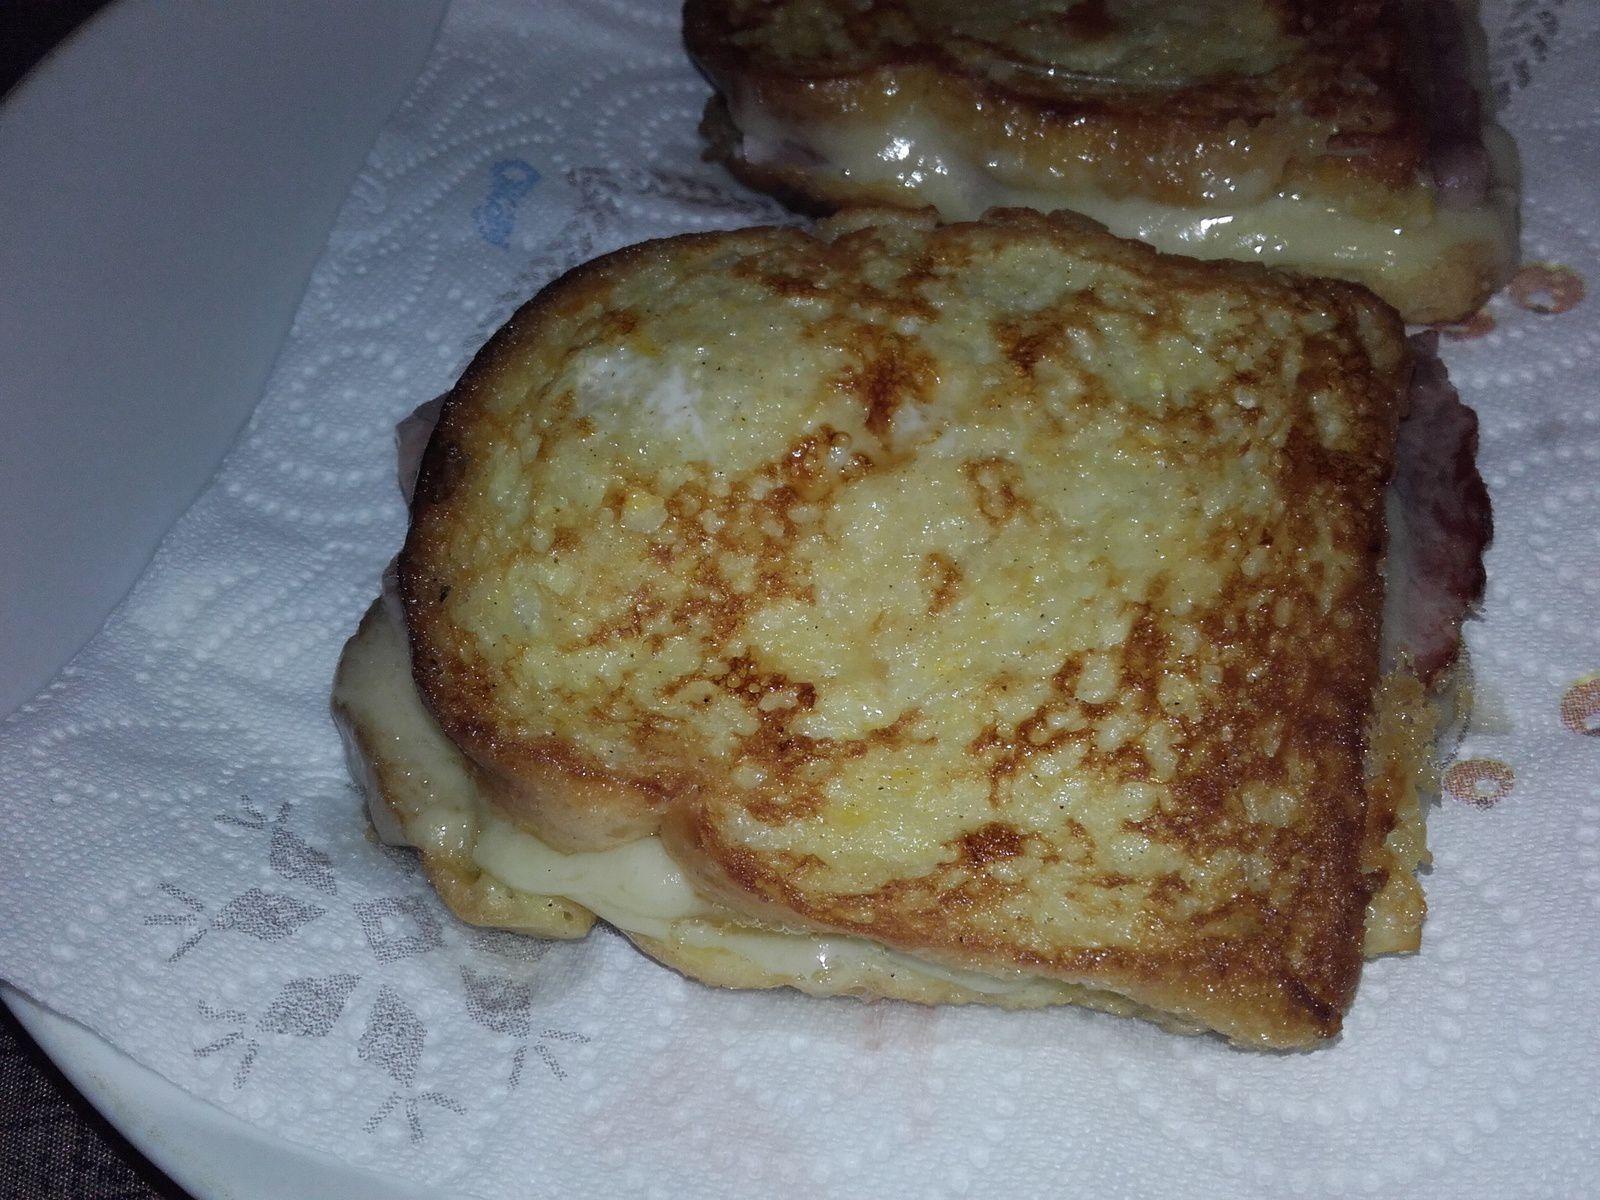 Croques au comté facon pain perdu